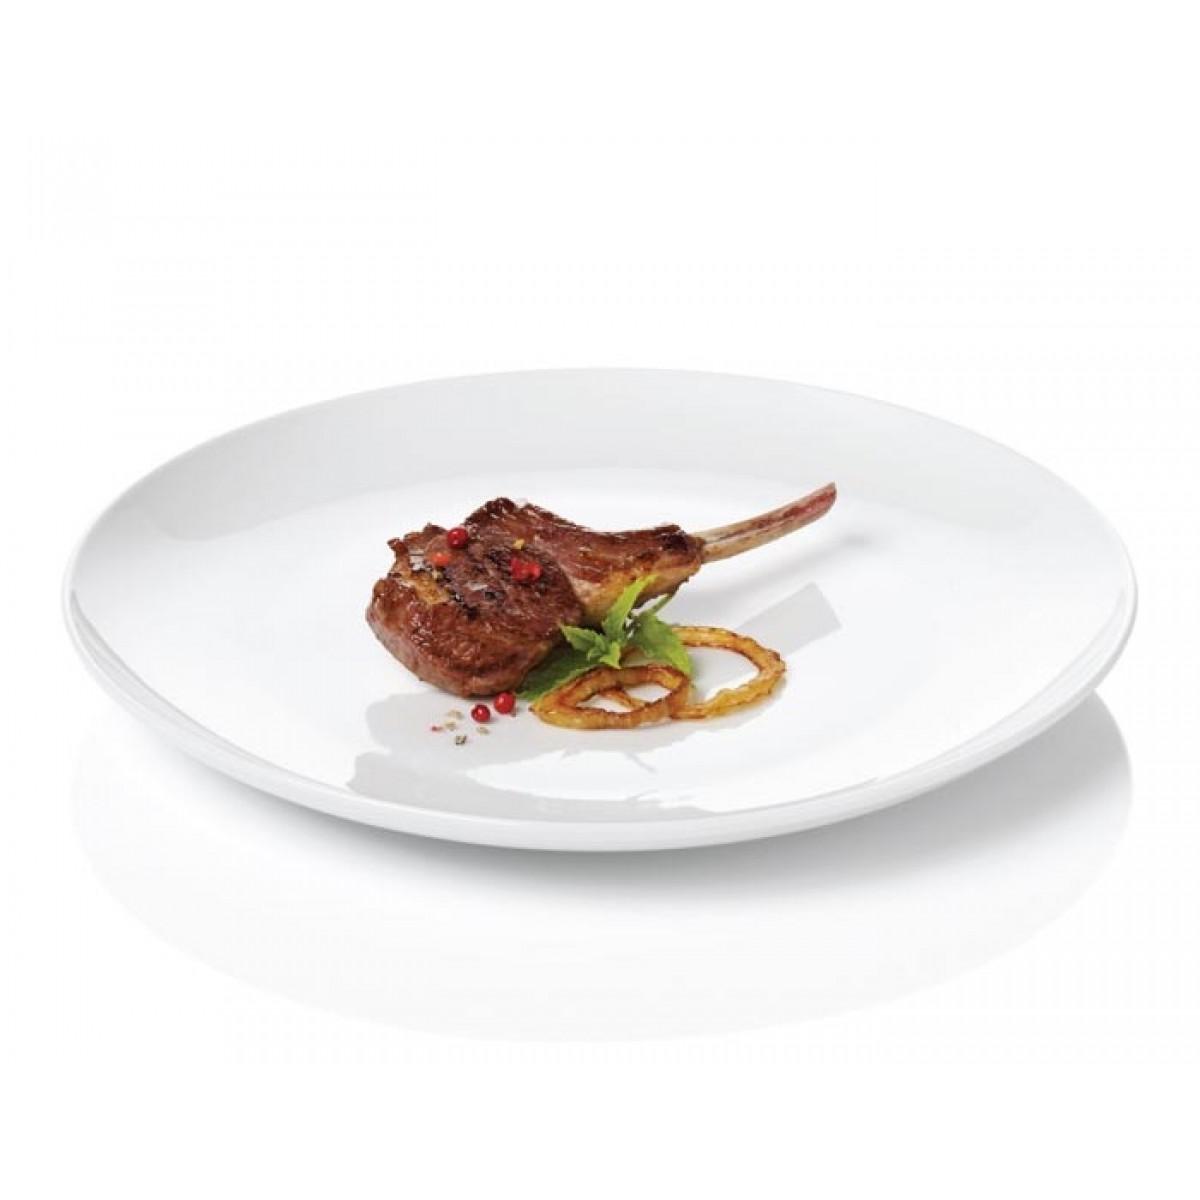 AIDA Atelier hvid frokosttallerken 4 stk. 22 cm.